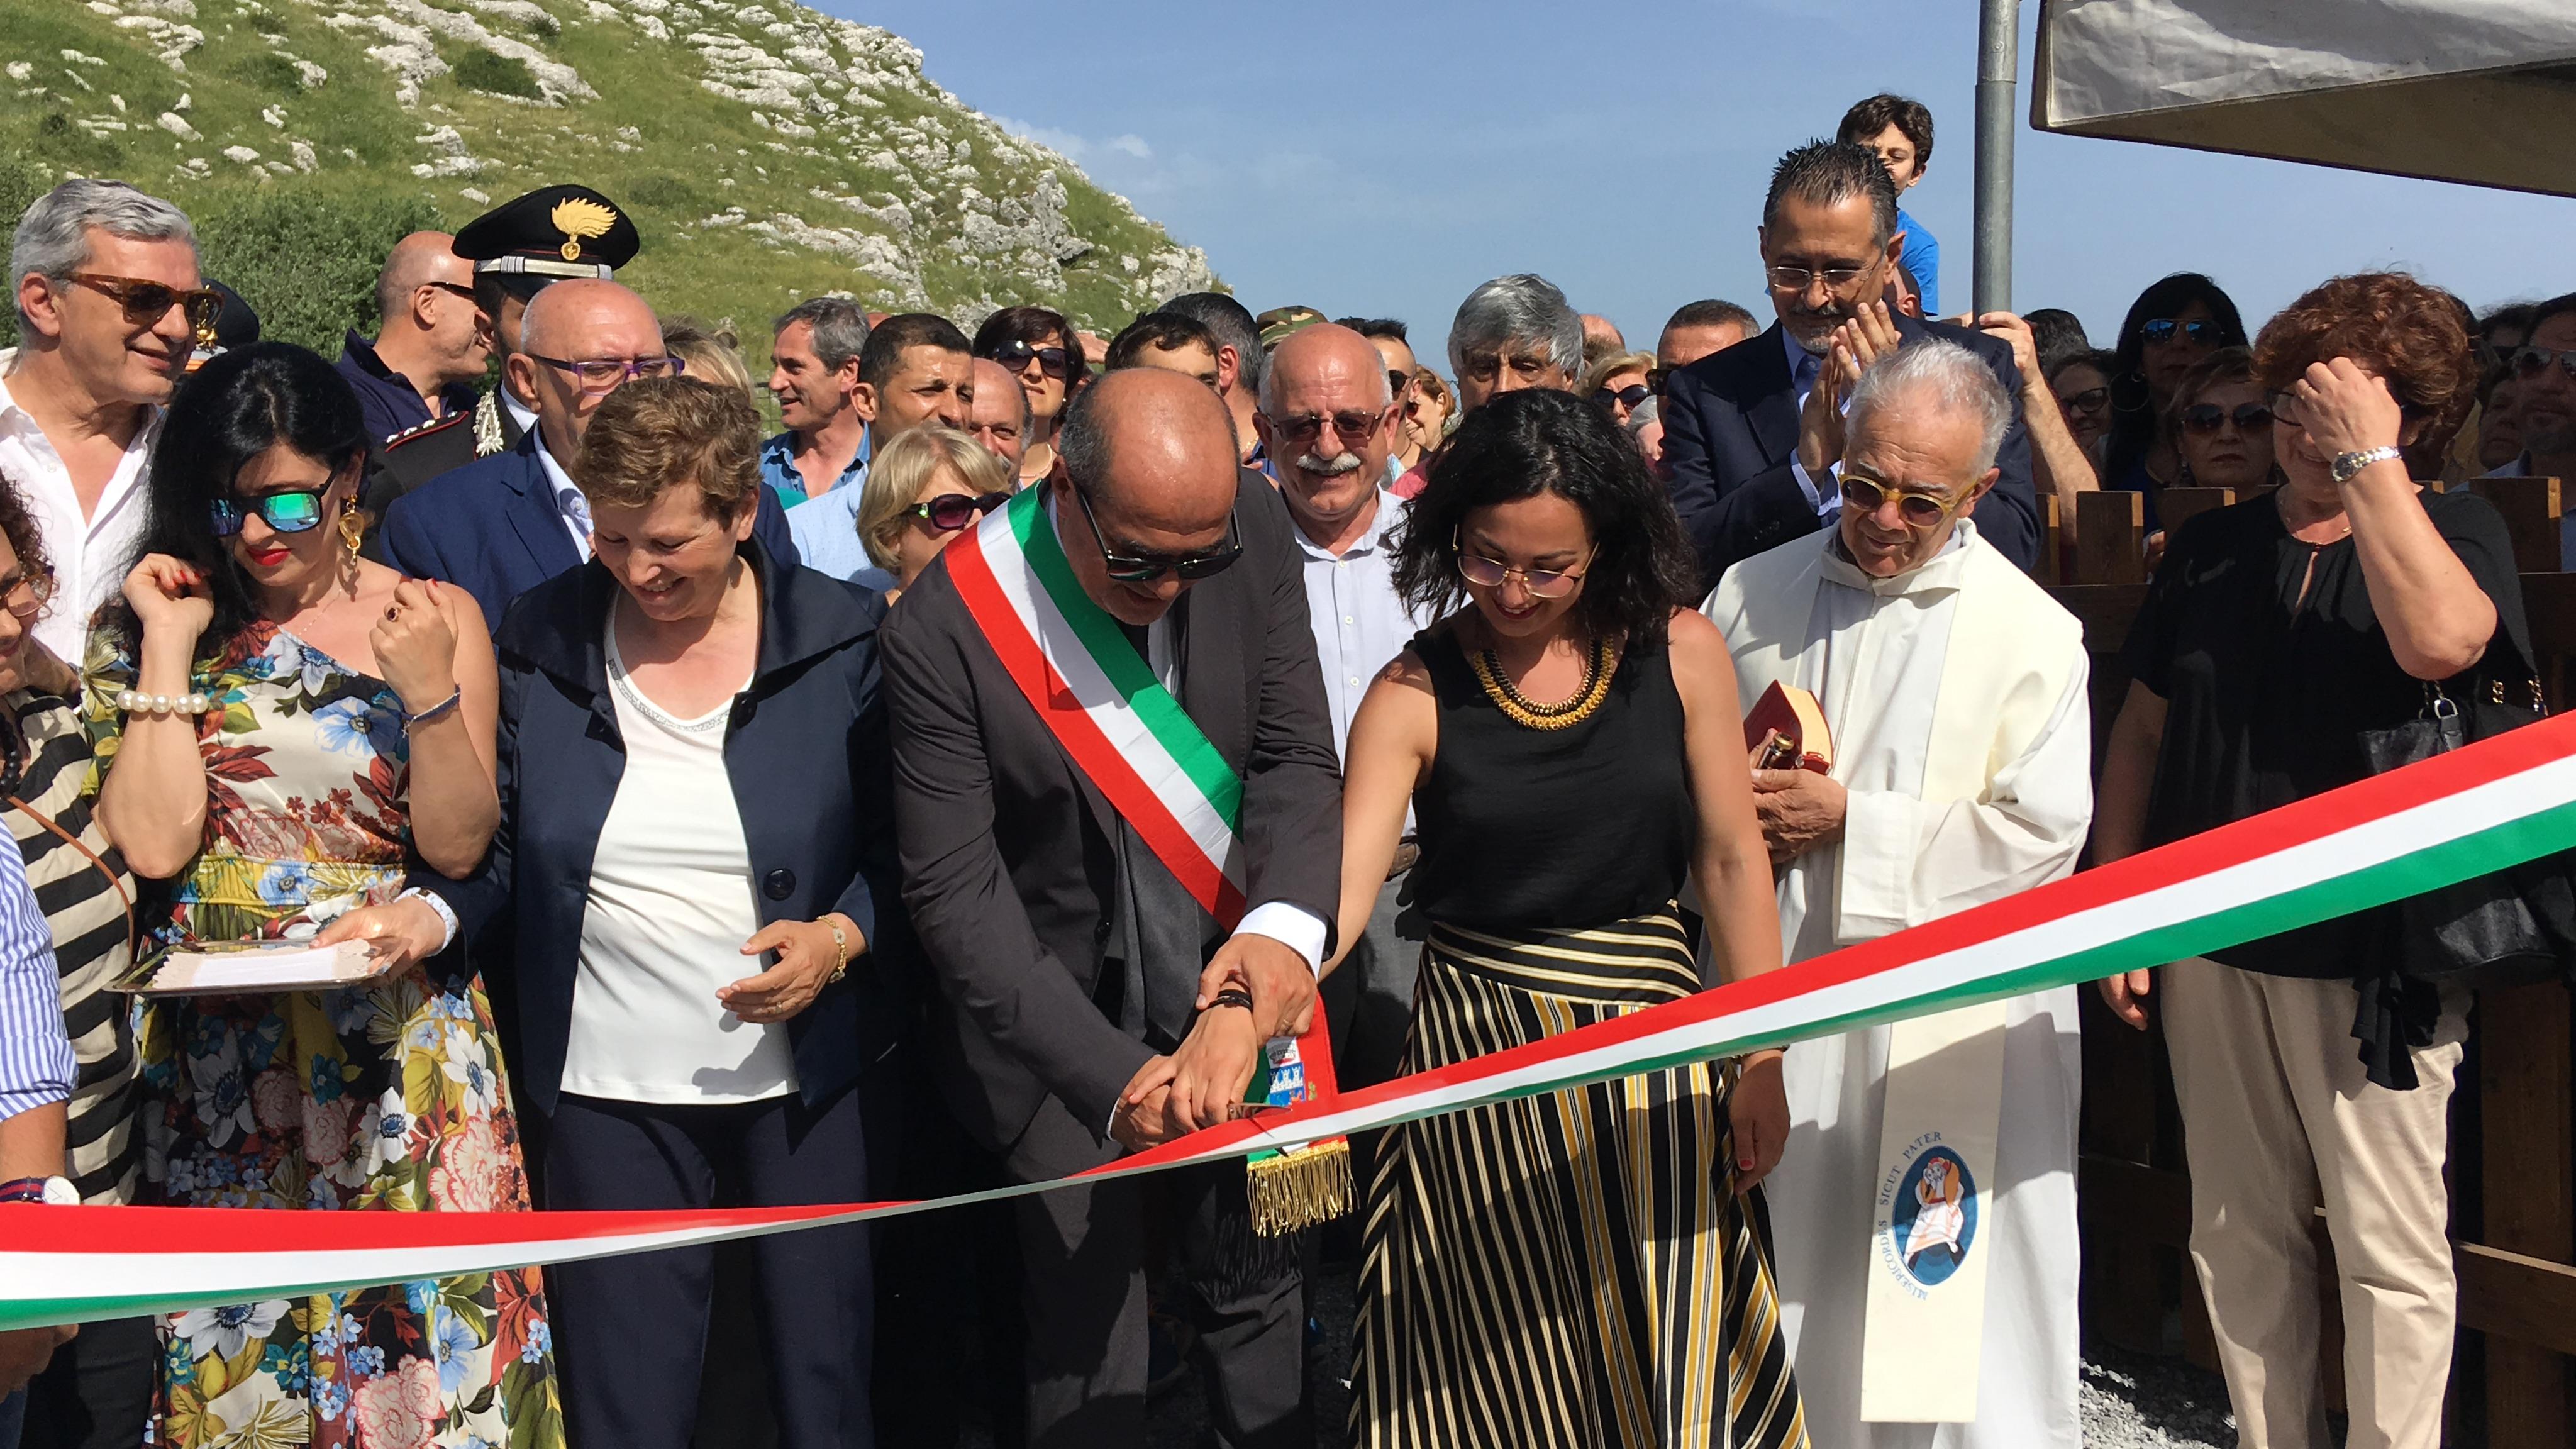 """Trecchina. Inaugurato il """" Parco delle Stelle """". In quota attrazioni adrenaliniche."""